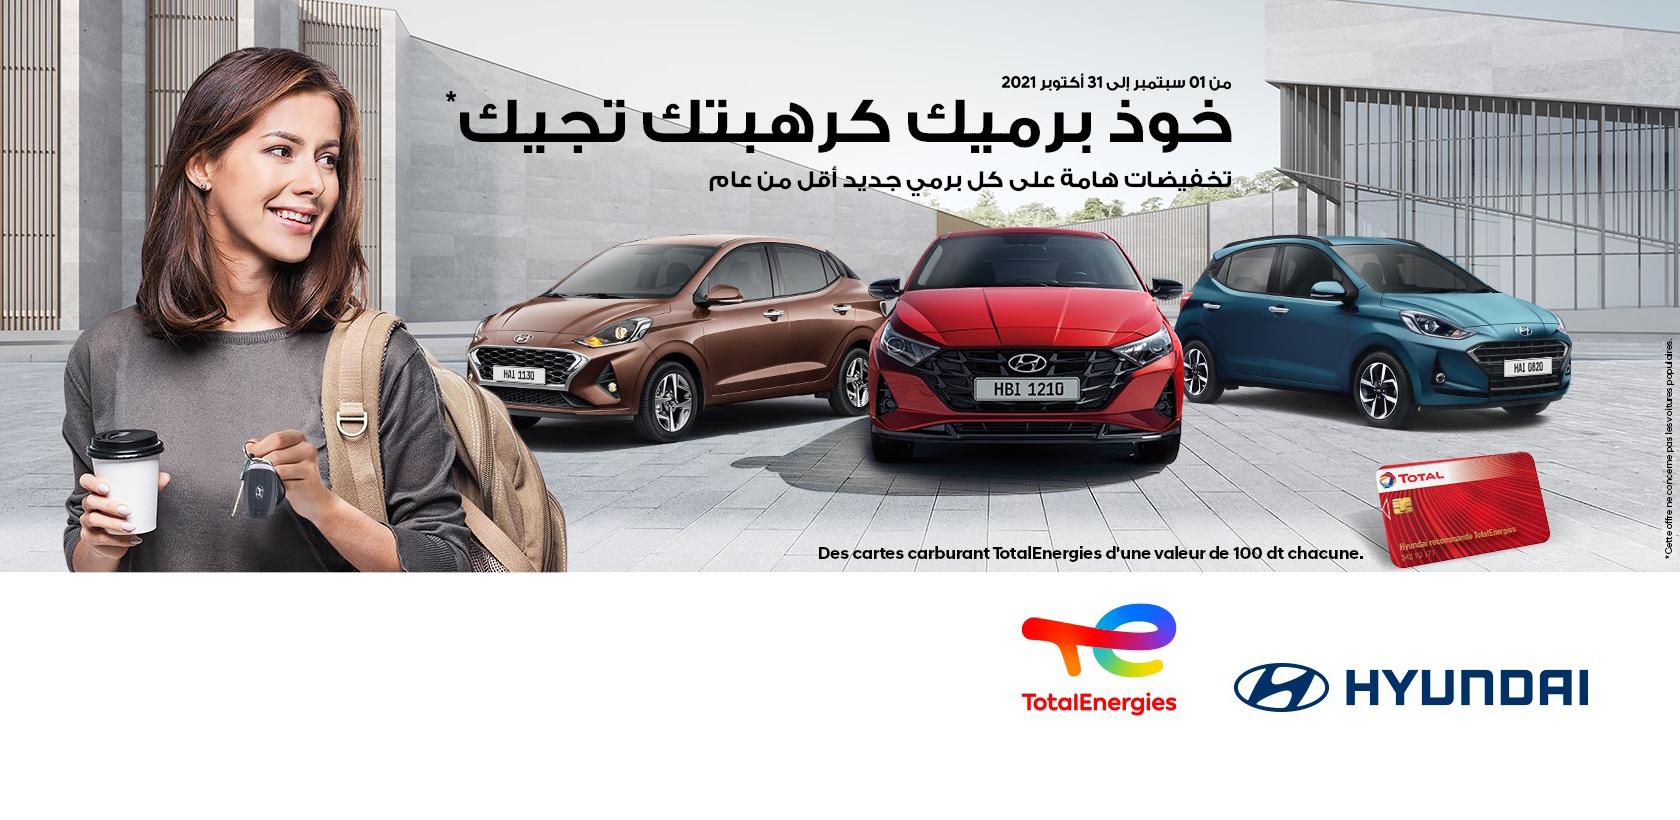 Hyundai et TotalEnergies, des remises et des cartes de carburant pour les nouveaux titulaires de permis de conduire